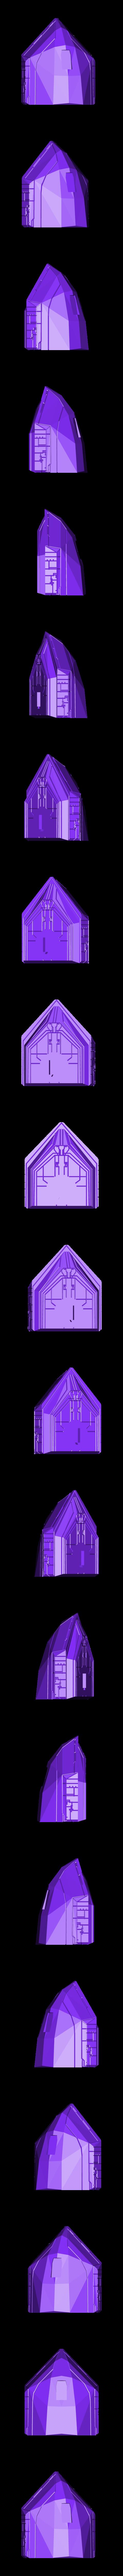 HULL-front.STL Télécharger fichier STL gratuit Cybran T2 Destroyer - Salem Class • Plan à imprimer en 3D, Steyrc